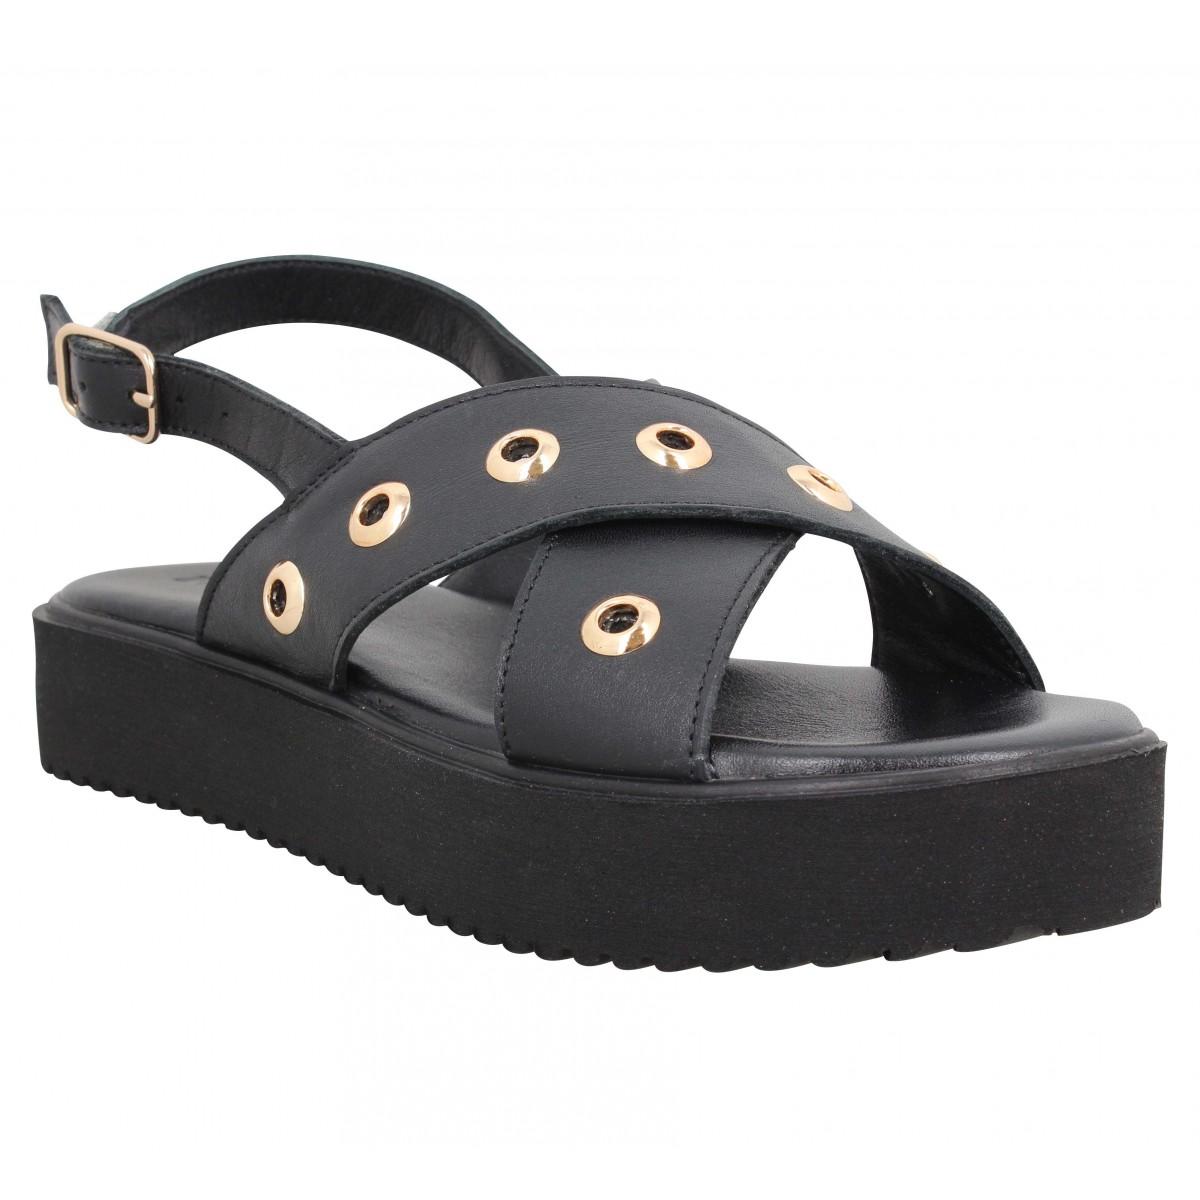 Nu-pieds INUOVO 12806 cuir Femme Noir